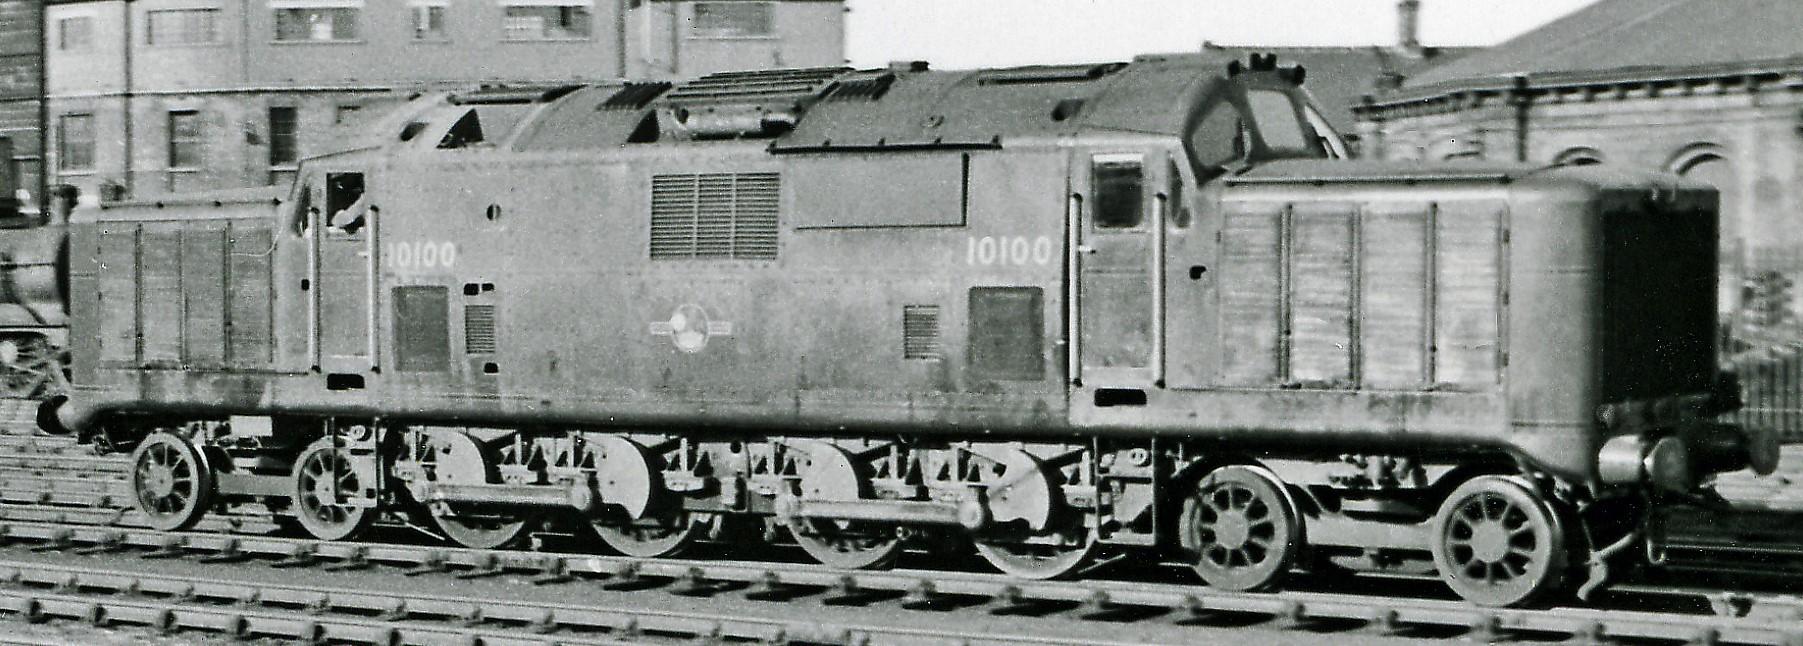 10100 at Derby in June 1957. ©Ben Brooksbank